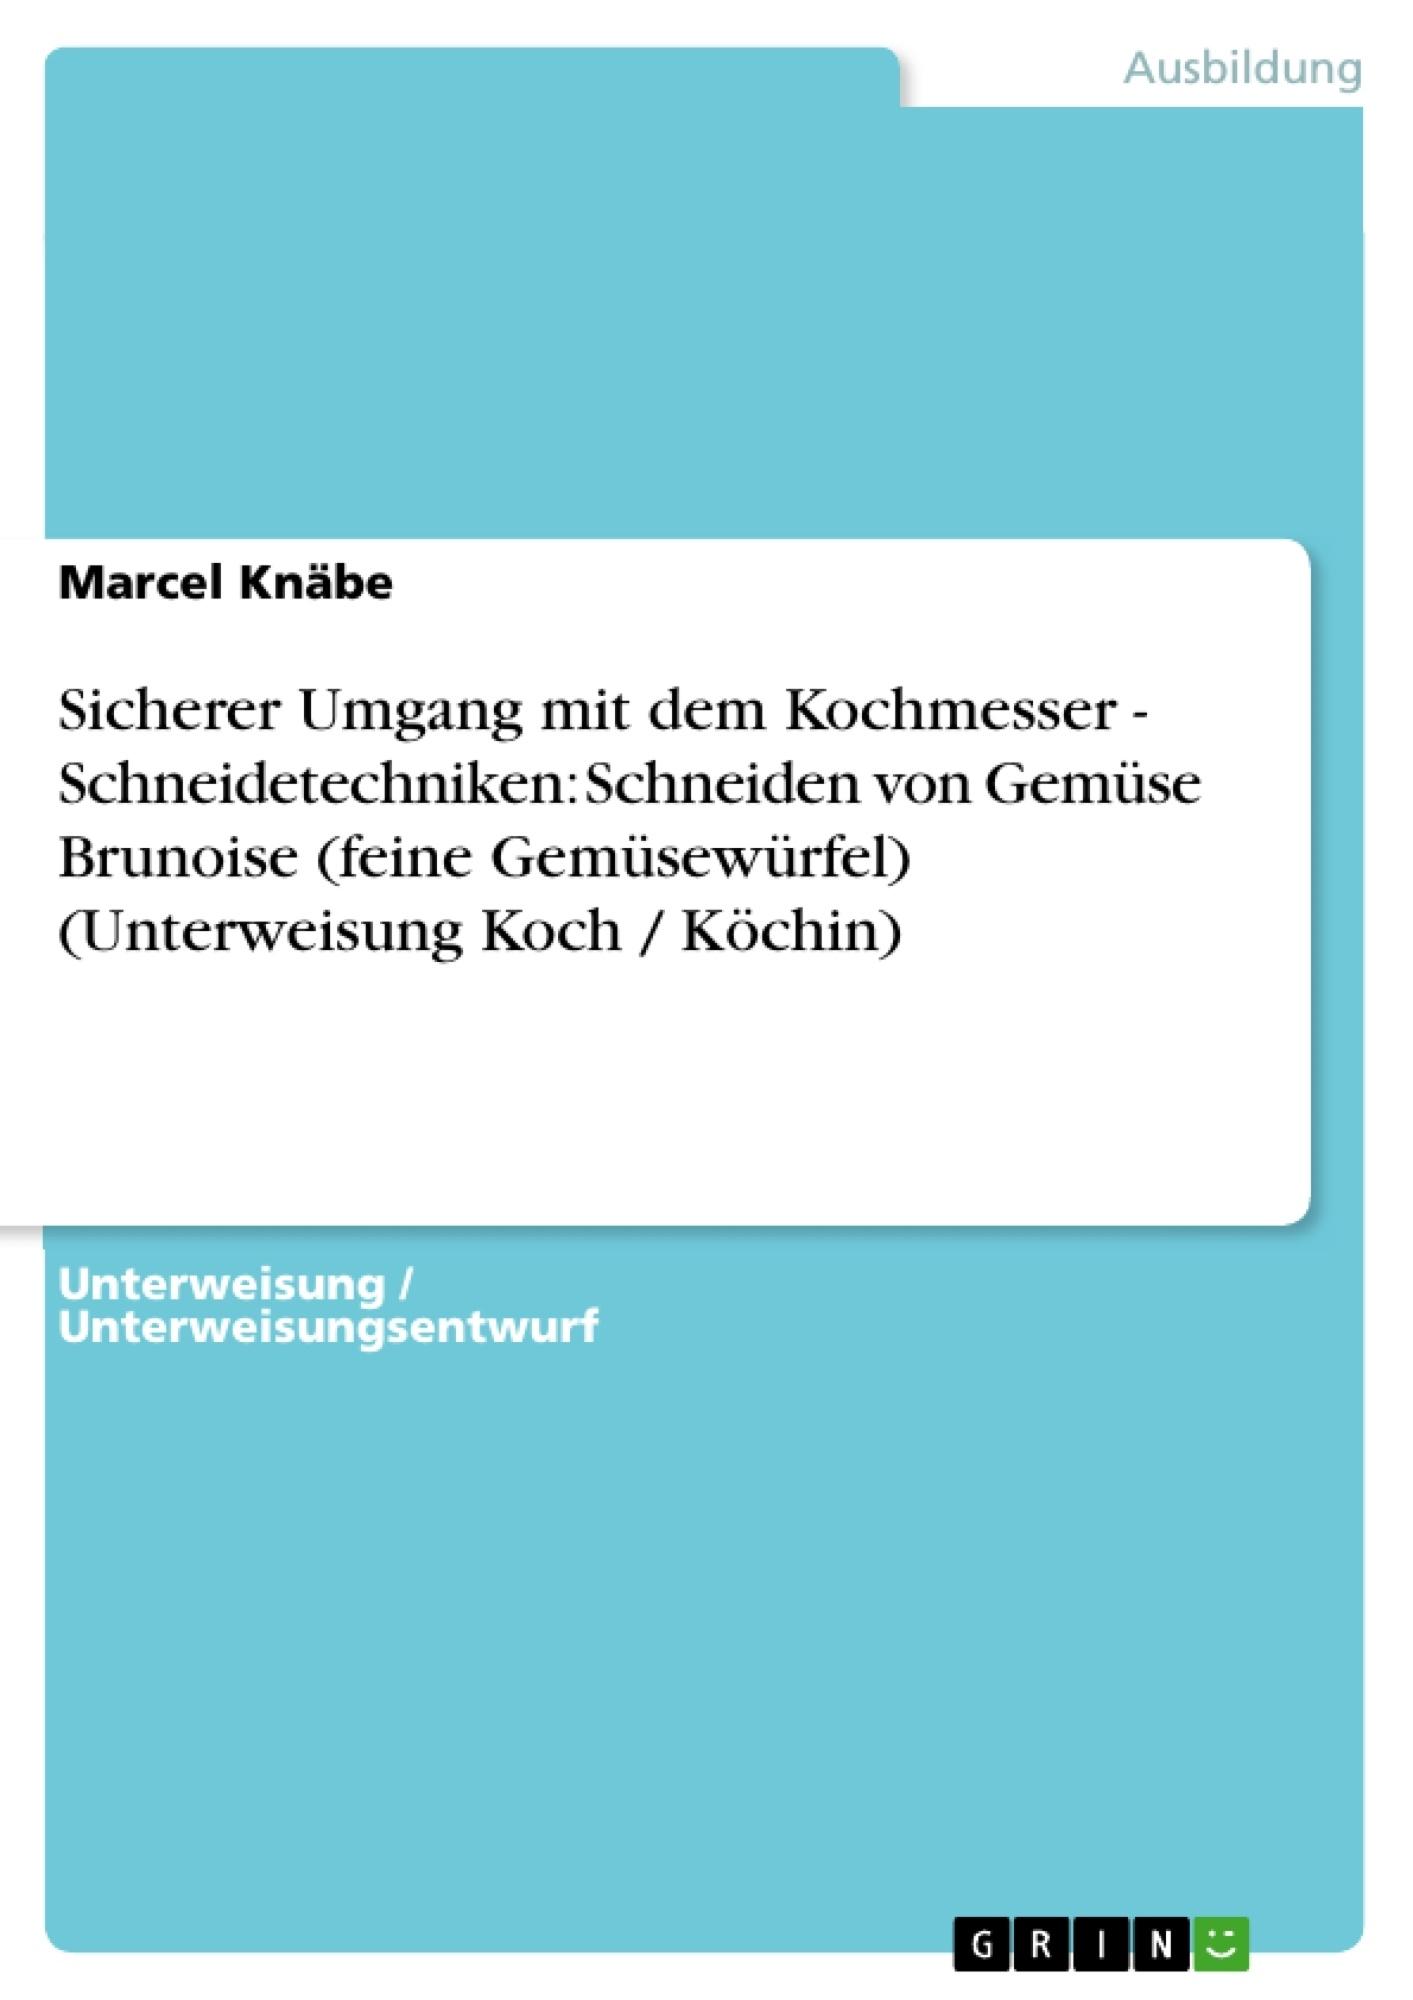 Titel: Sicherer Umgang mit dem Kochmesser - Schneidetechniken: Schneiden von Gemüse Brunoise (feine Gemüsewürfel) (Unterweisung Koch / Köchin)